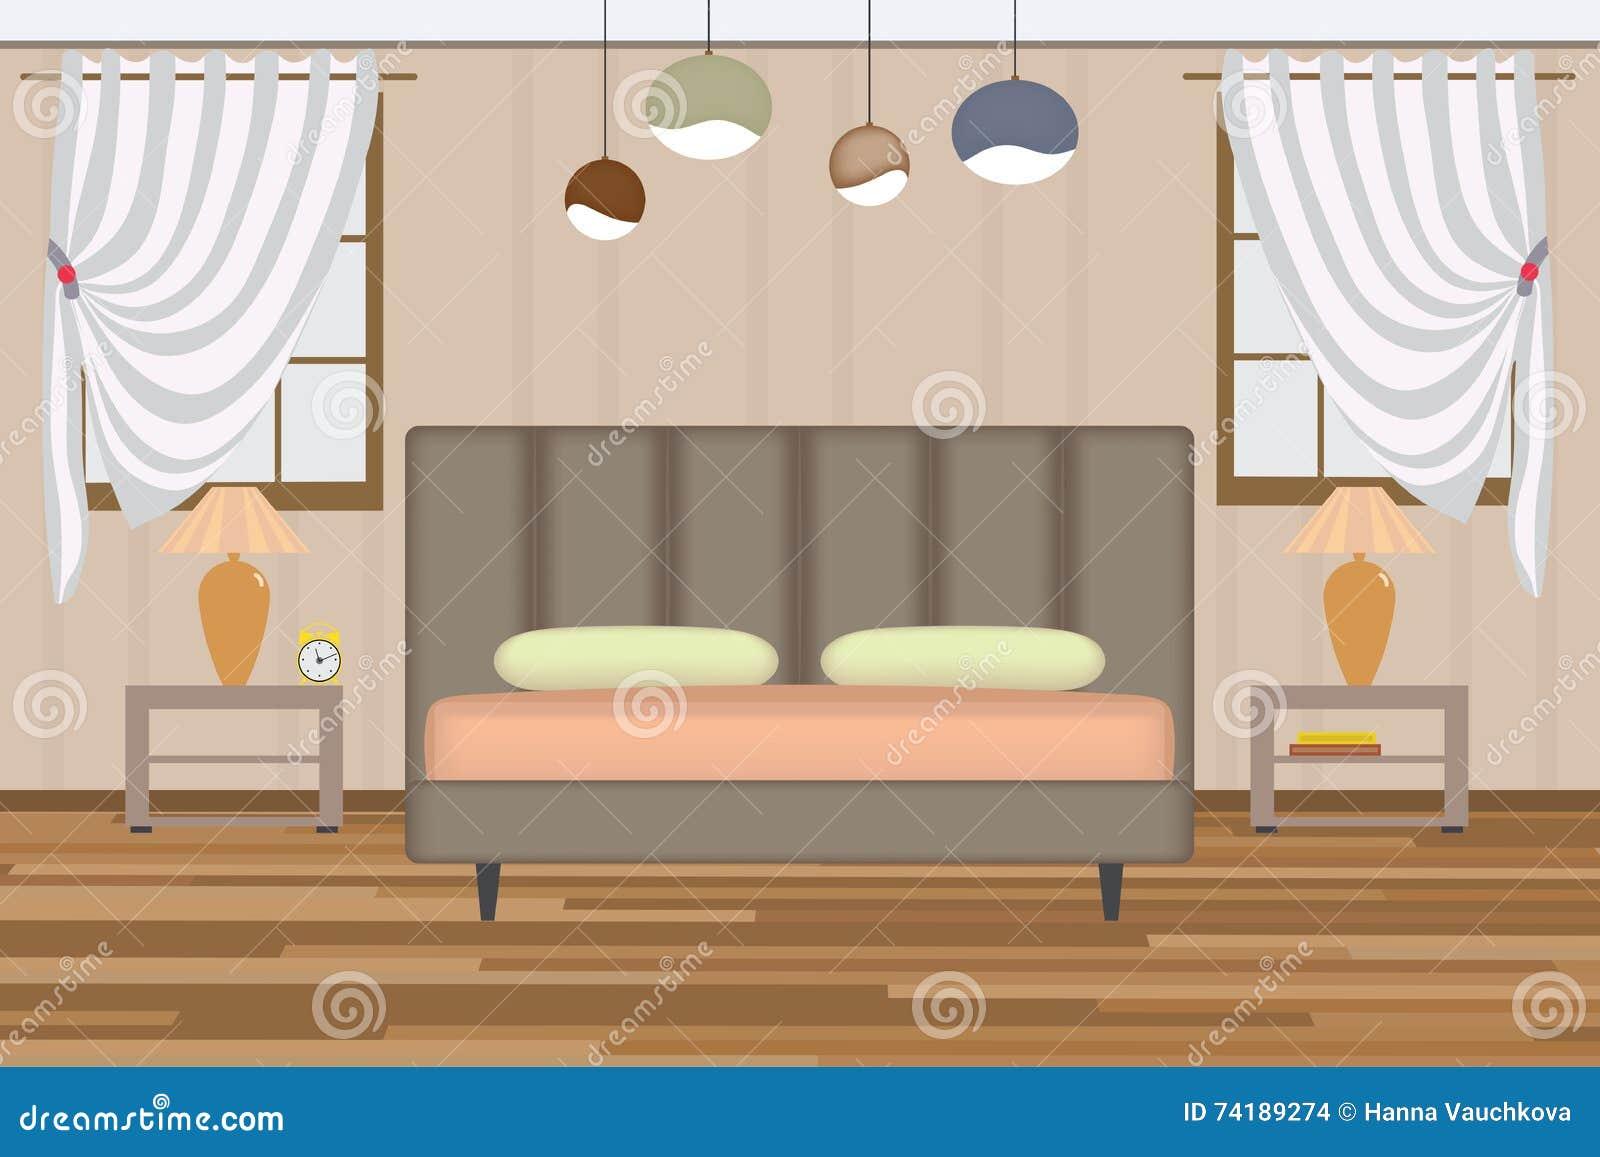 Verhoging In Slaapkamer : Slaapkamerillustratie verhogingszaal met bed zijlijst lamp